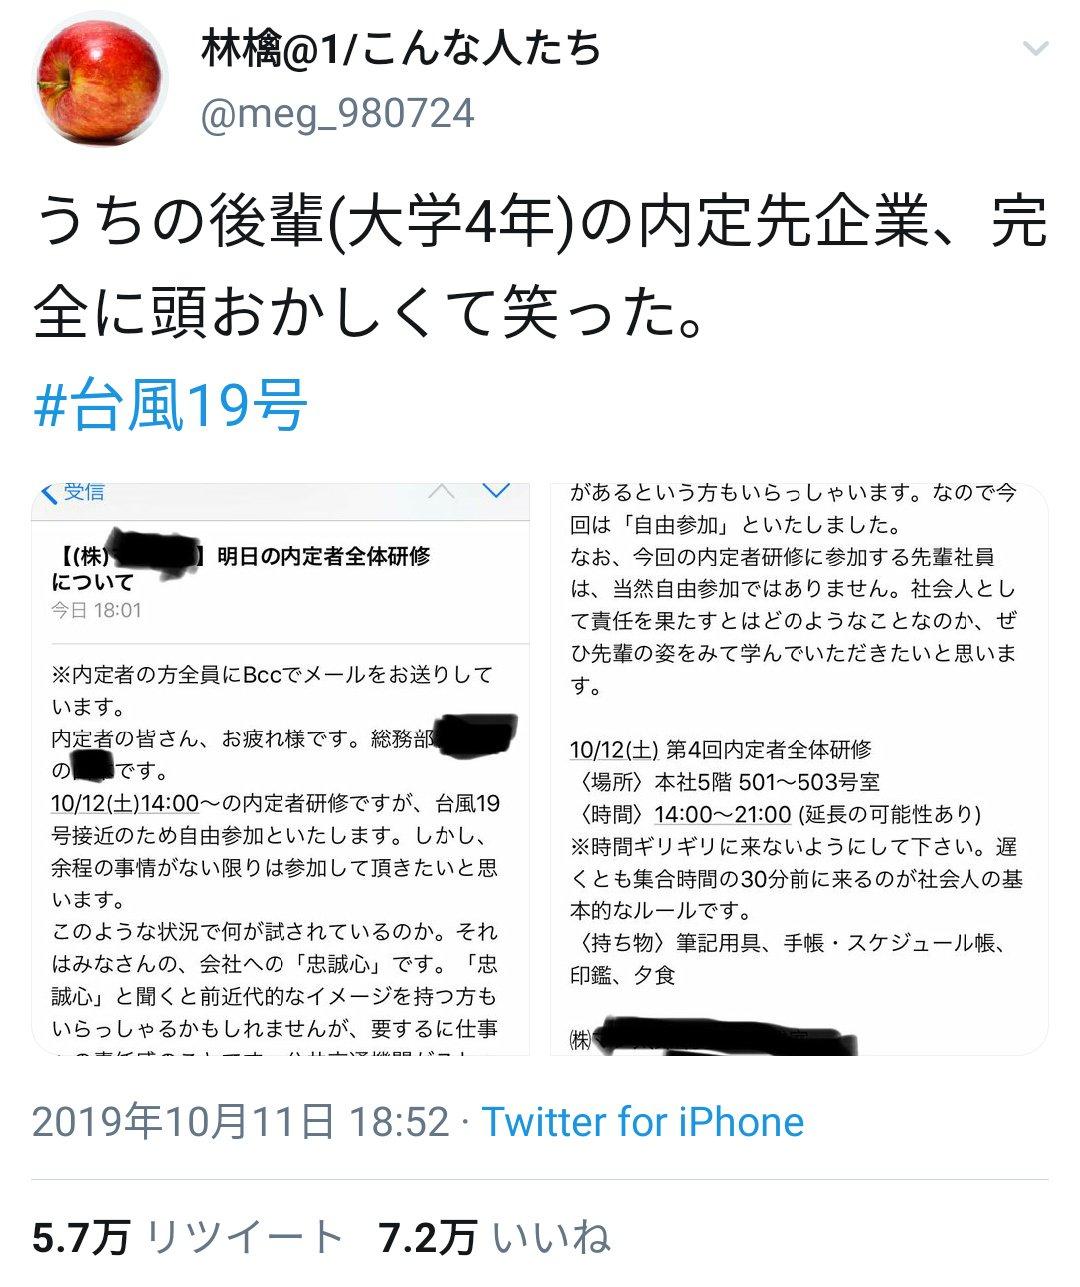 後輩の内定先企業が、この台風の最中、内定者研修を強行し、「自由参加」と言いつつ忠誠心を試している、という内容のツイート、山本太郎支持者による自作自演だったのか。「太郎さんにリツイートして欲しかった」「太郎さんにリツイートされることは、太郎支持者の目標」…完全に頭おかしくて笑った。